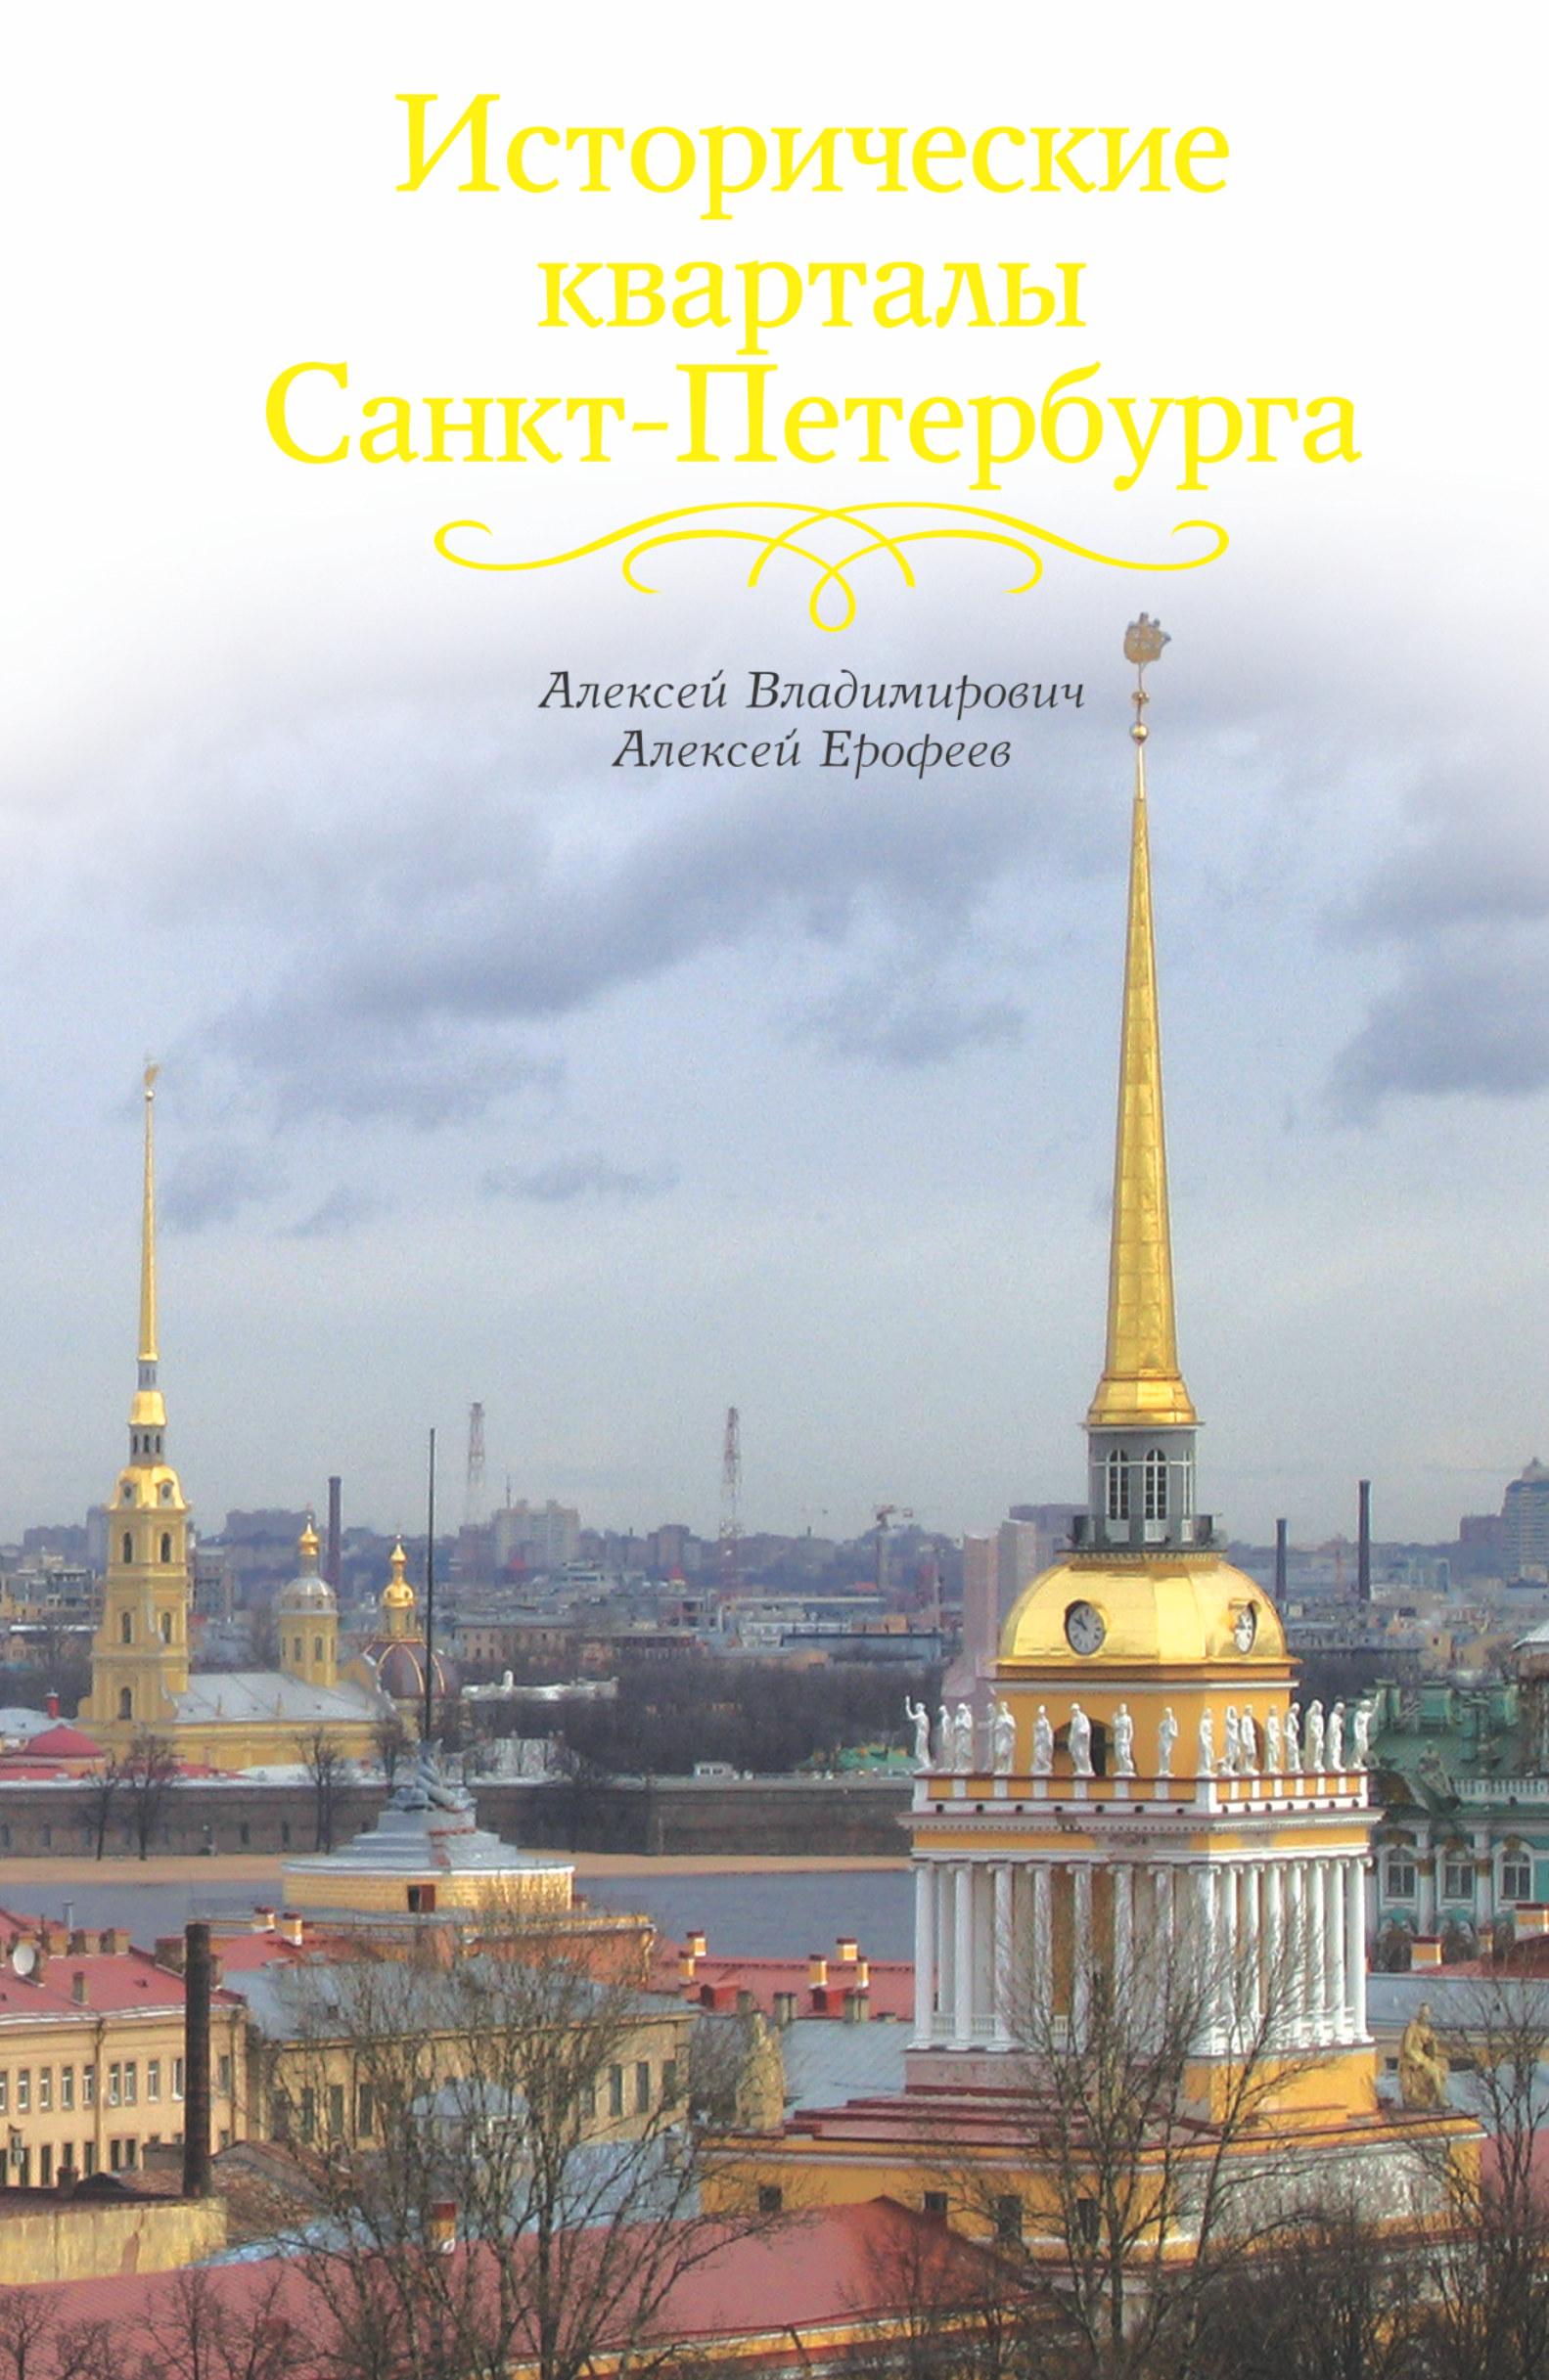 Исторические кварталы Санкт-Петербурга